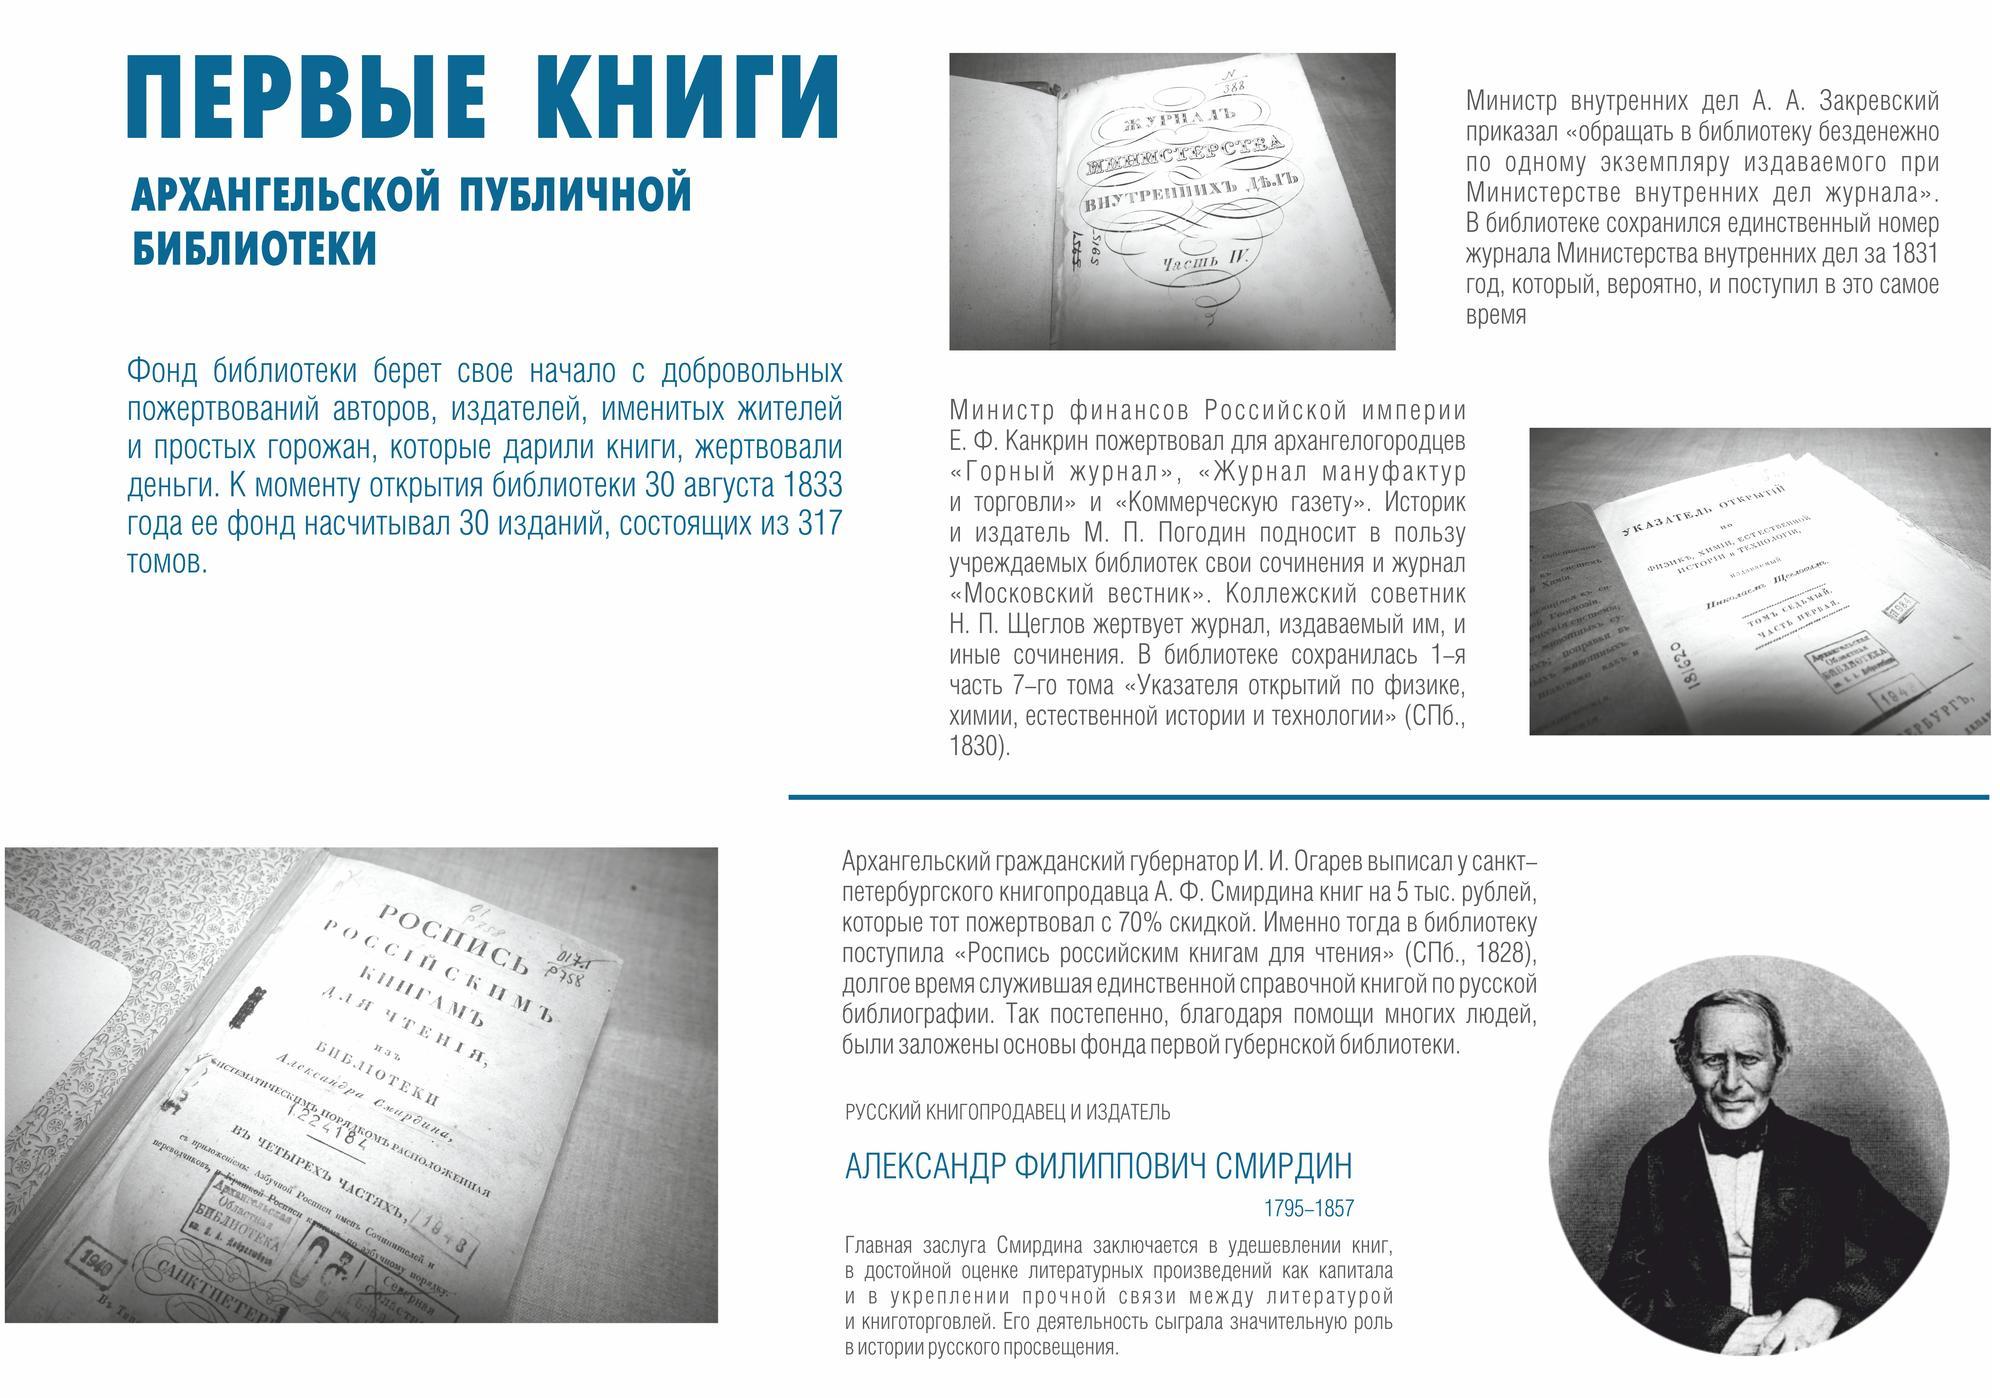 аркадий евгеньевич добролюбов частные займы отзывы